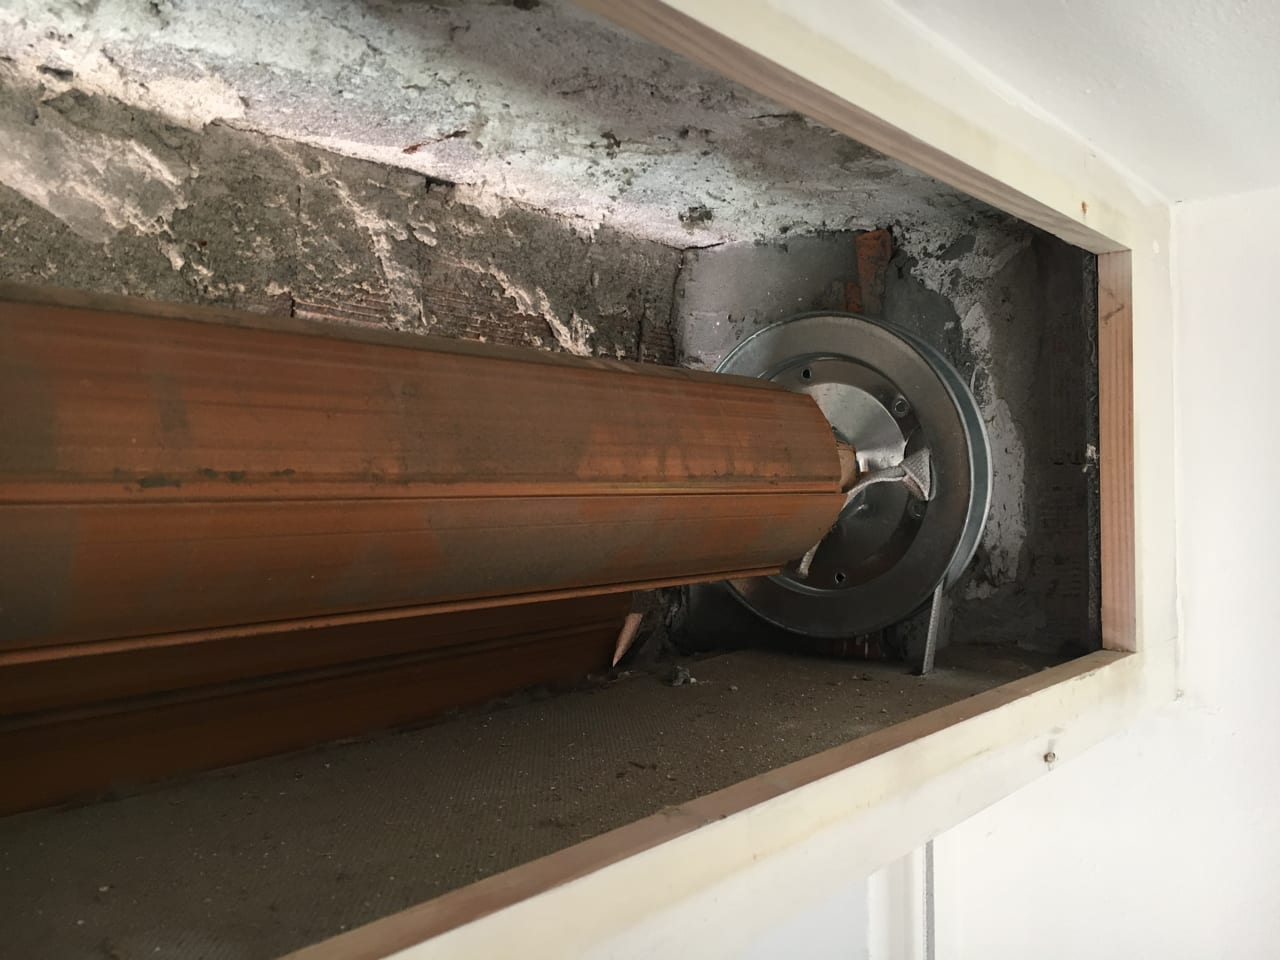 Davanzale Interno Della Finestra spiffero malefico dalle nuove finestre - lazzari serramenti